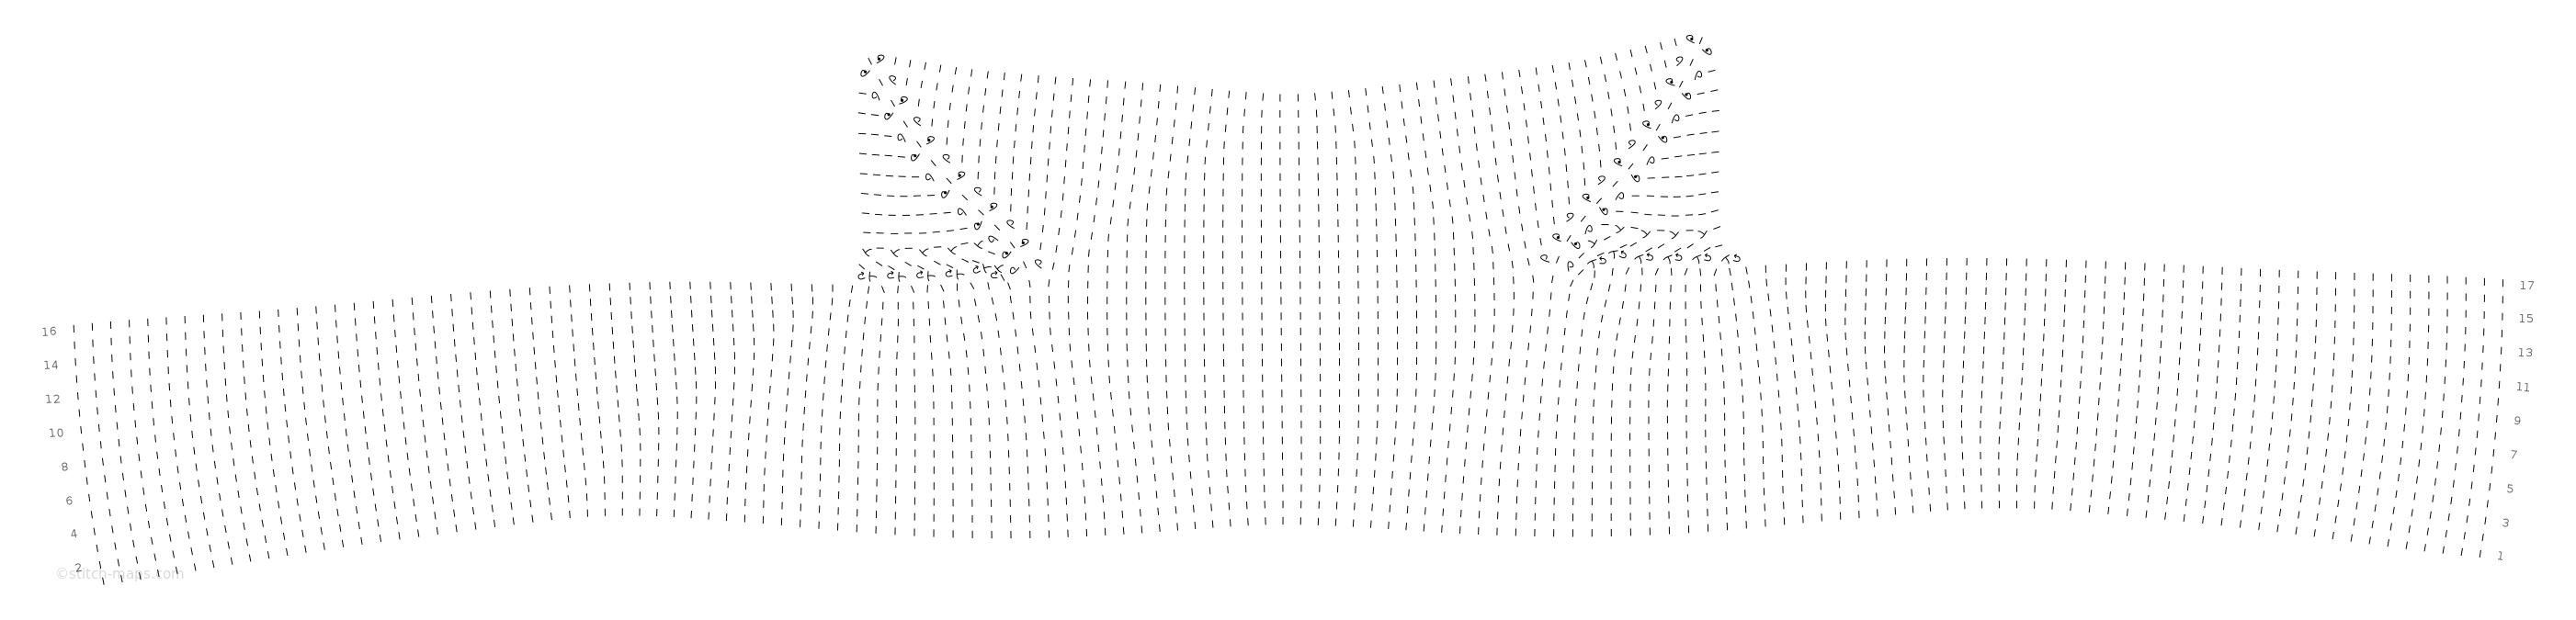 Buttons chart